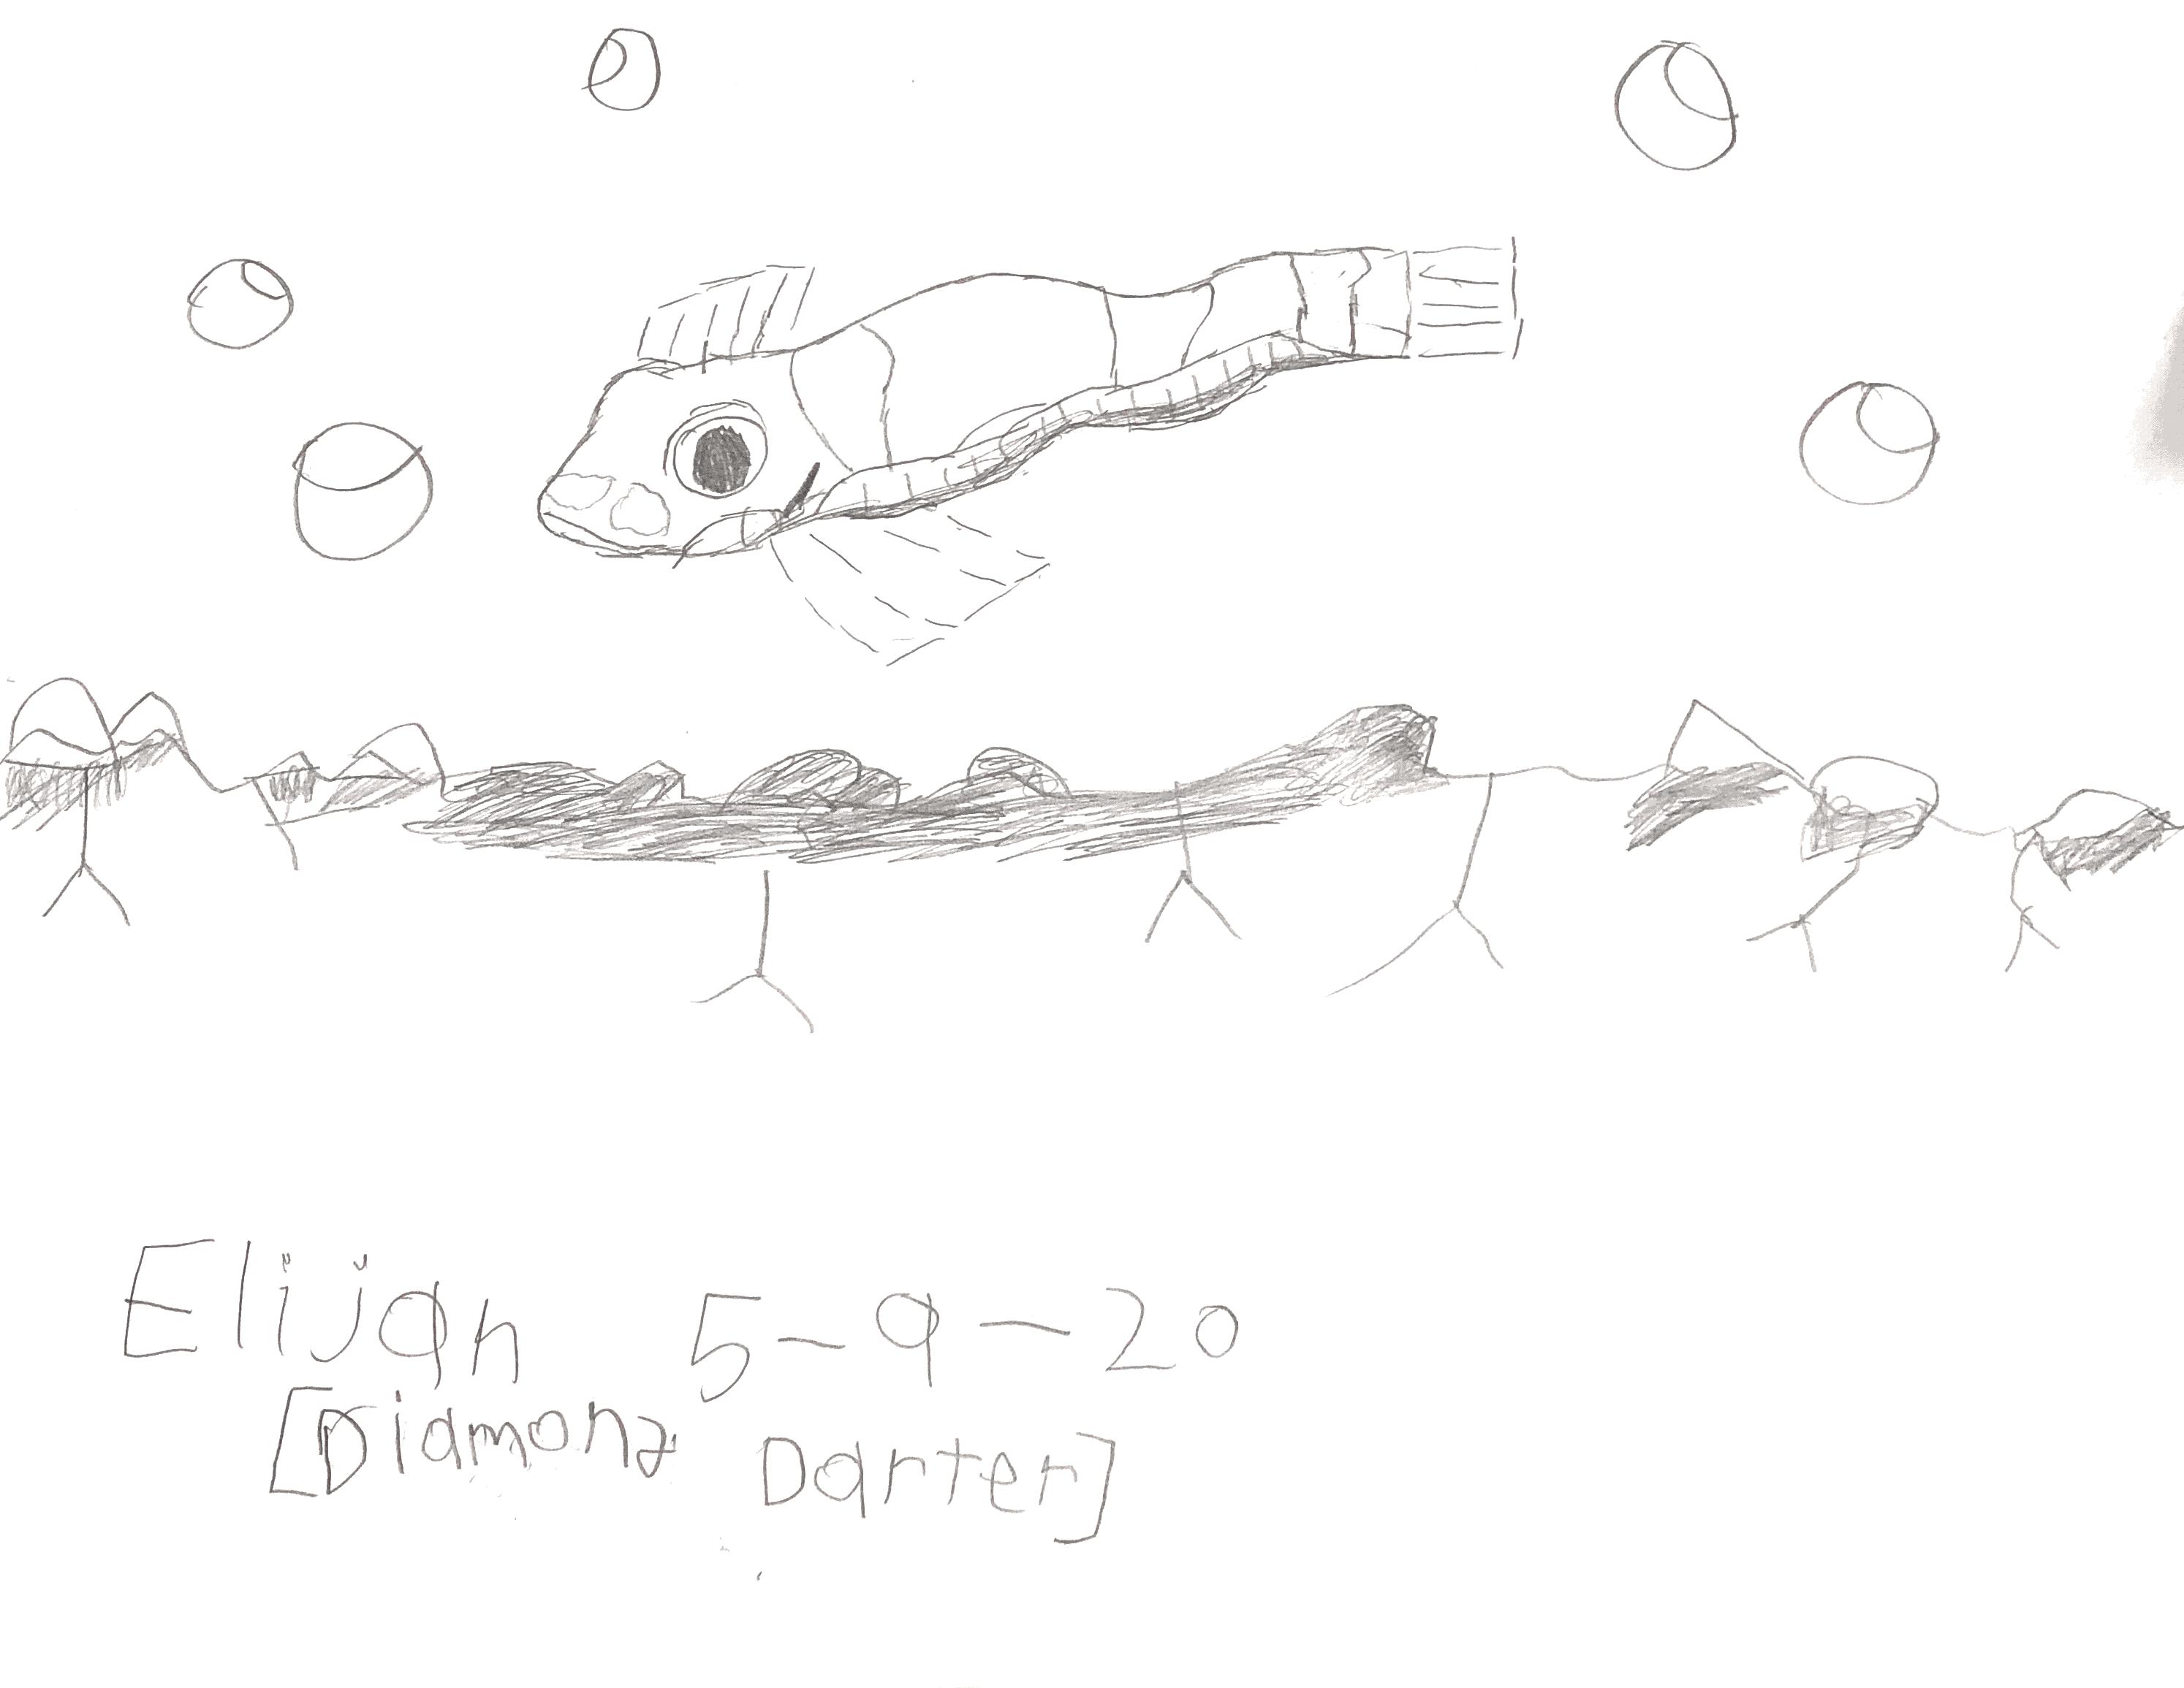 diamond darter 13